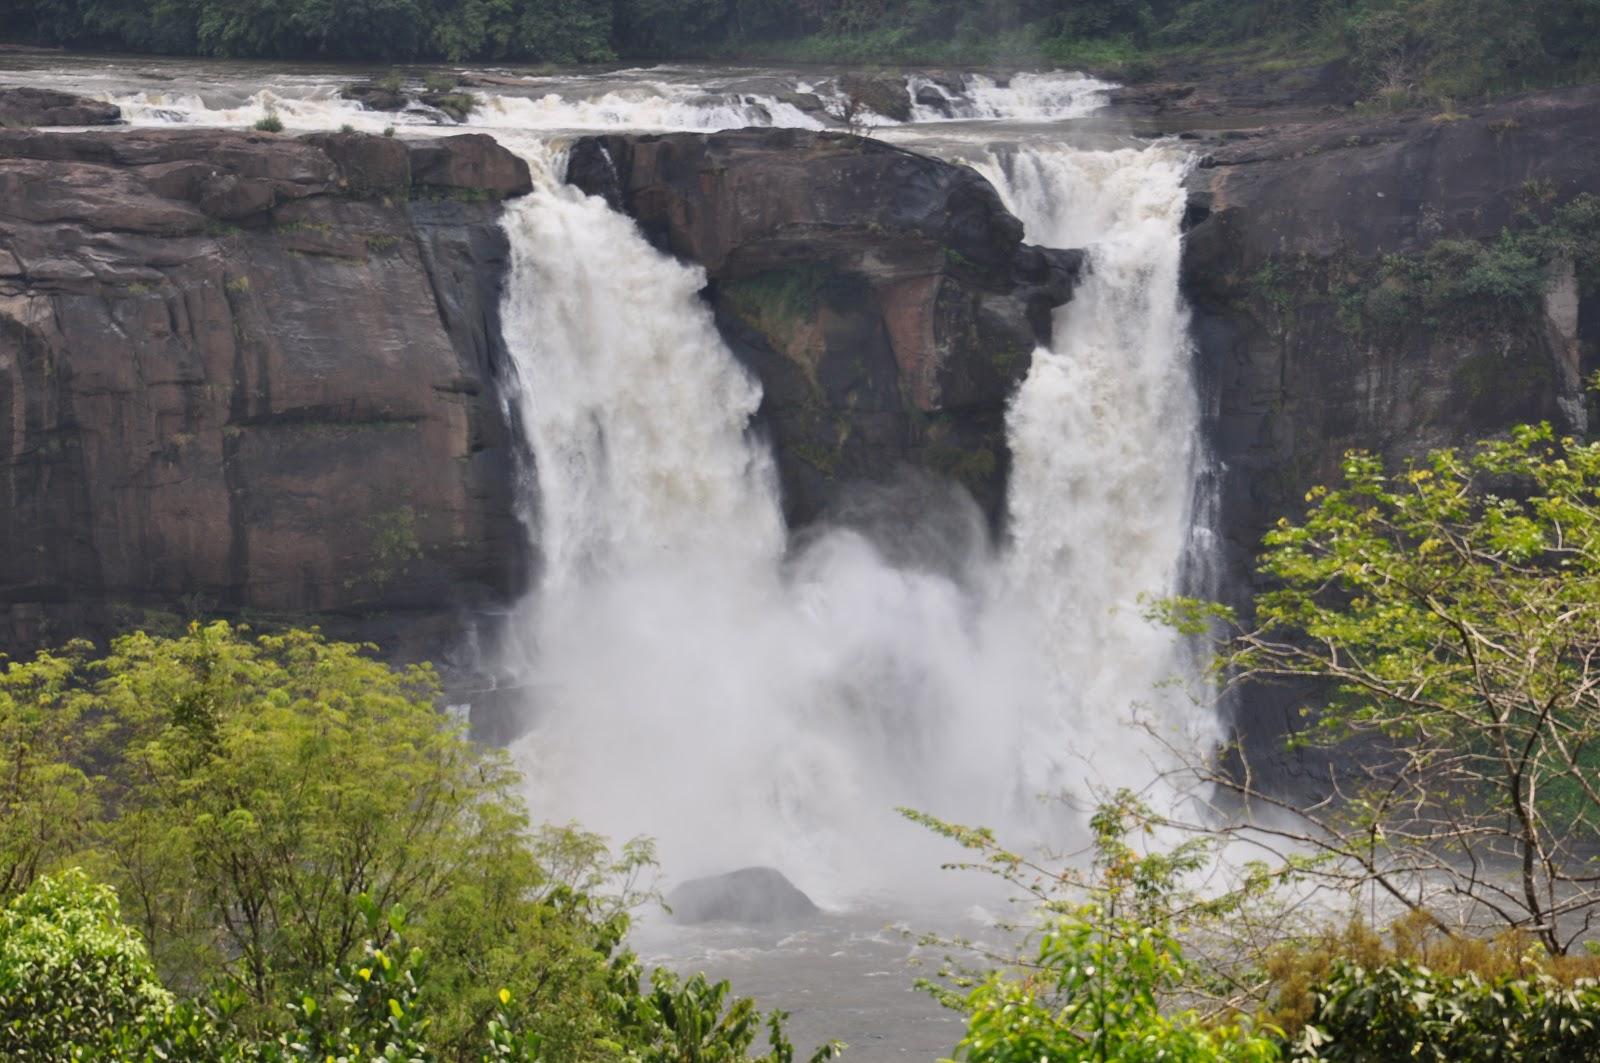 kerala 2dolist: 130 # Visit Athirampally water falls.